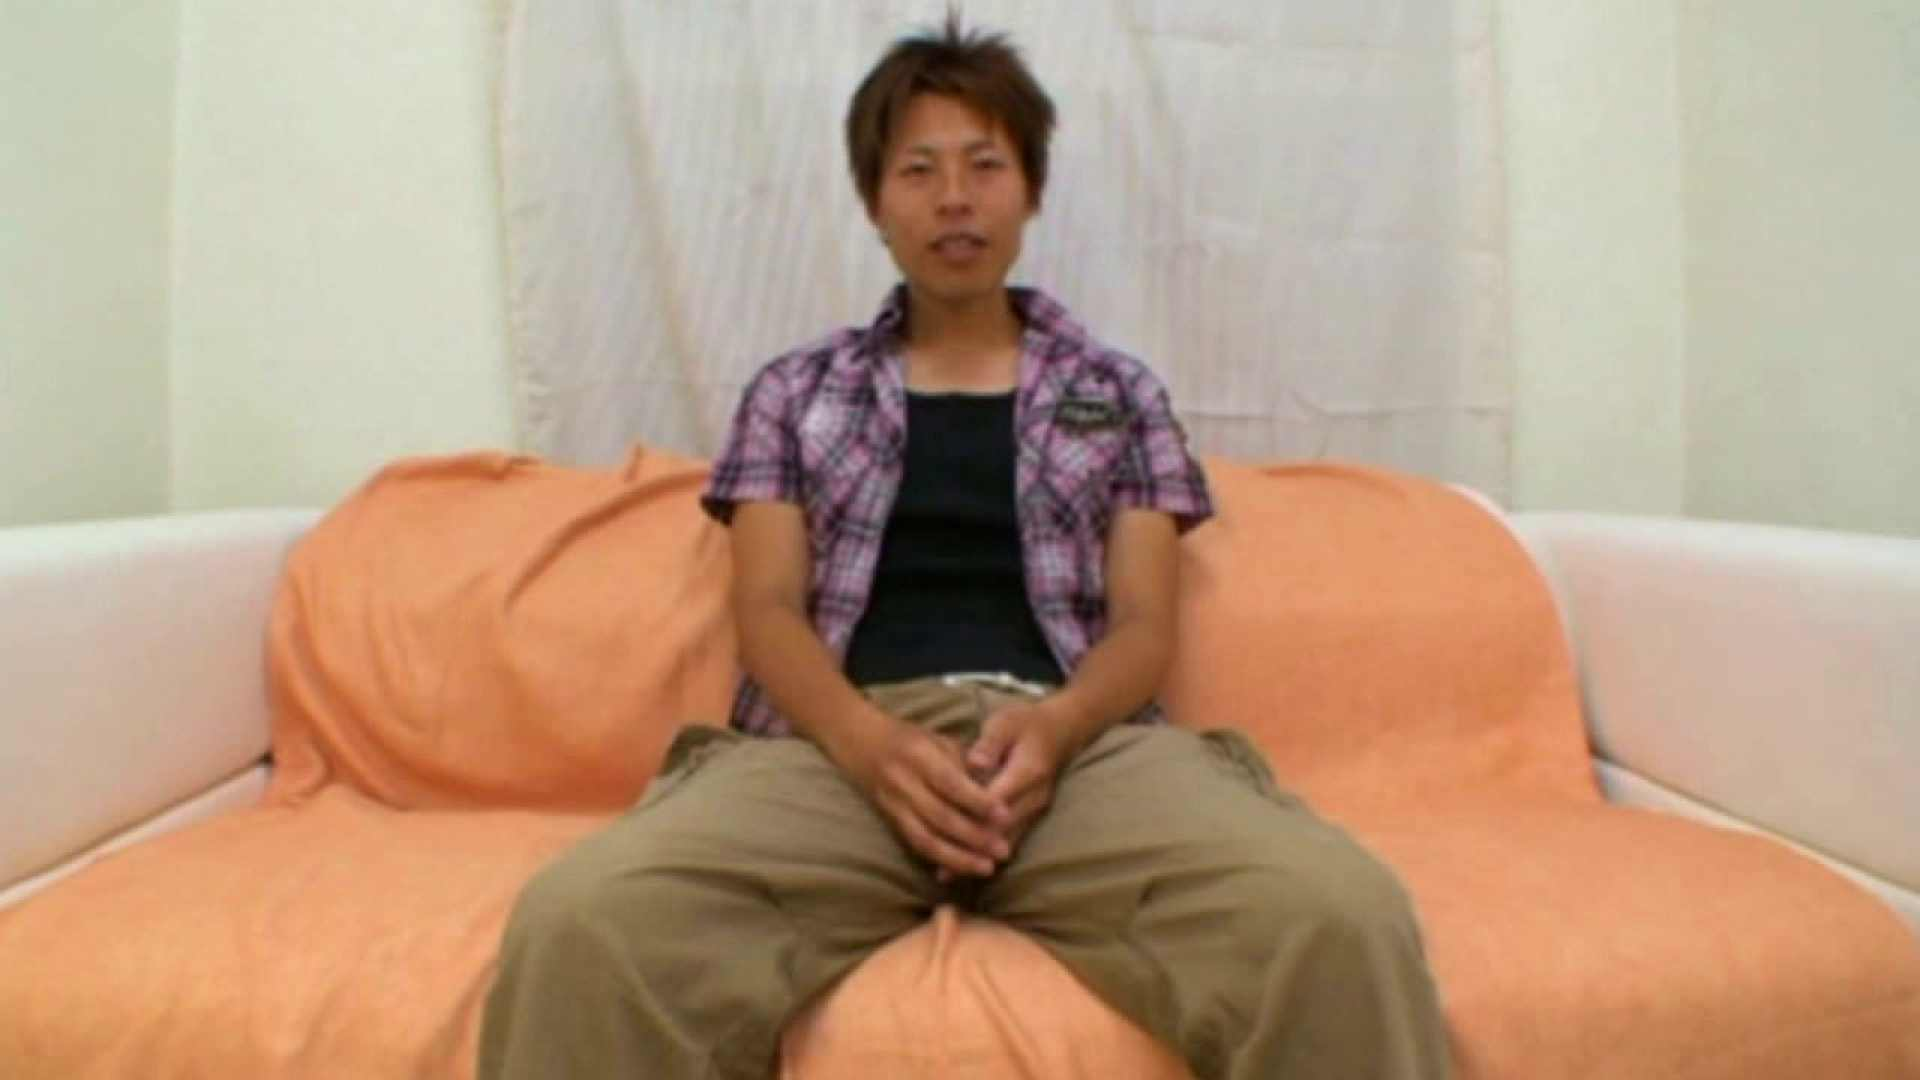 ノンケ!自慰スタジオ No.10 自慰シーン   素人盗撮 エロビデオ紹介 103枚 42